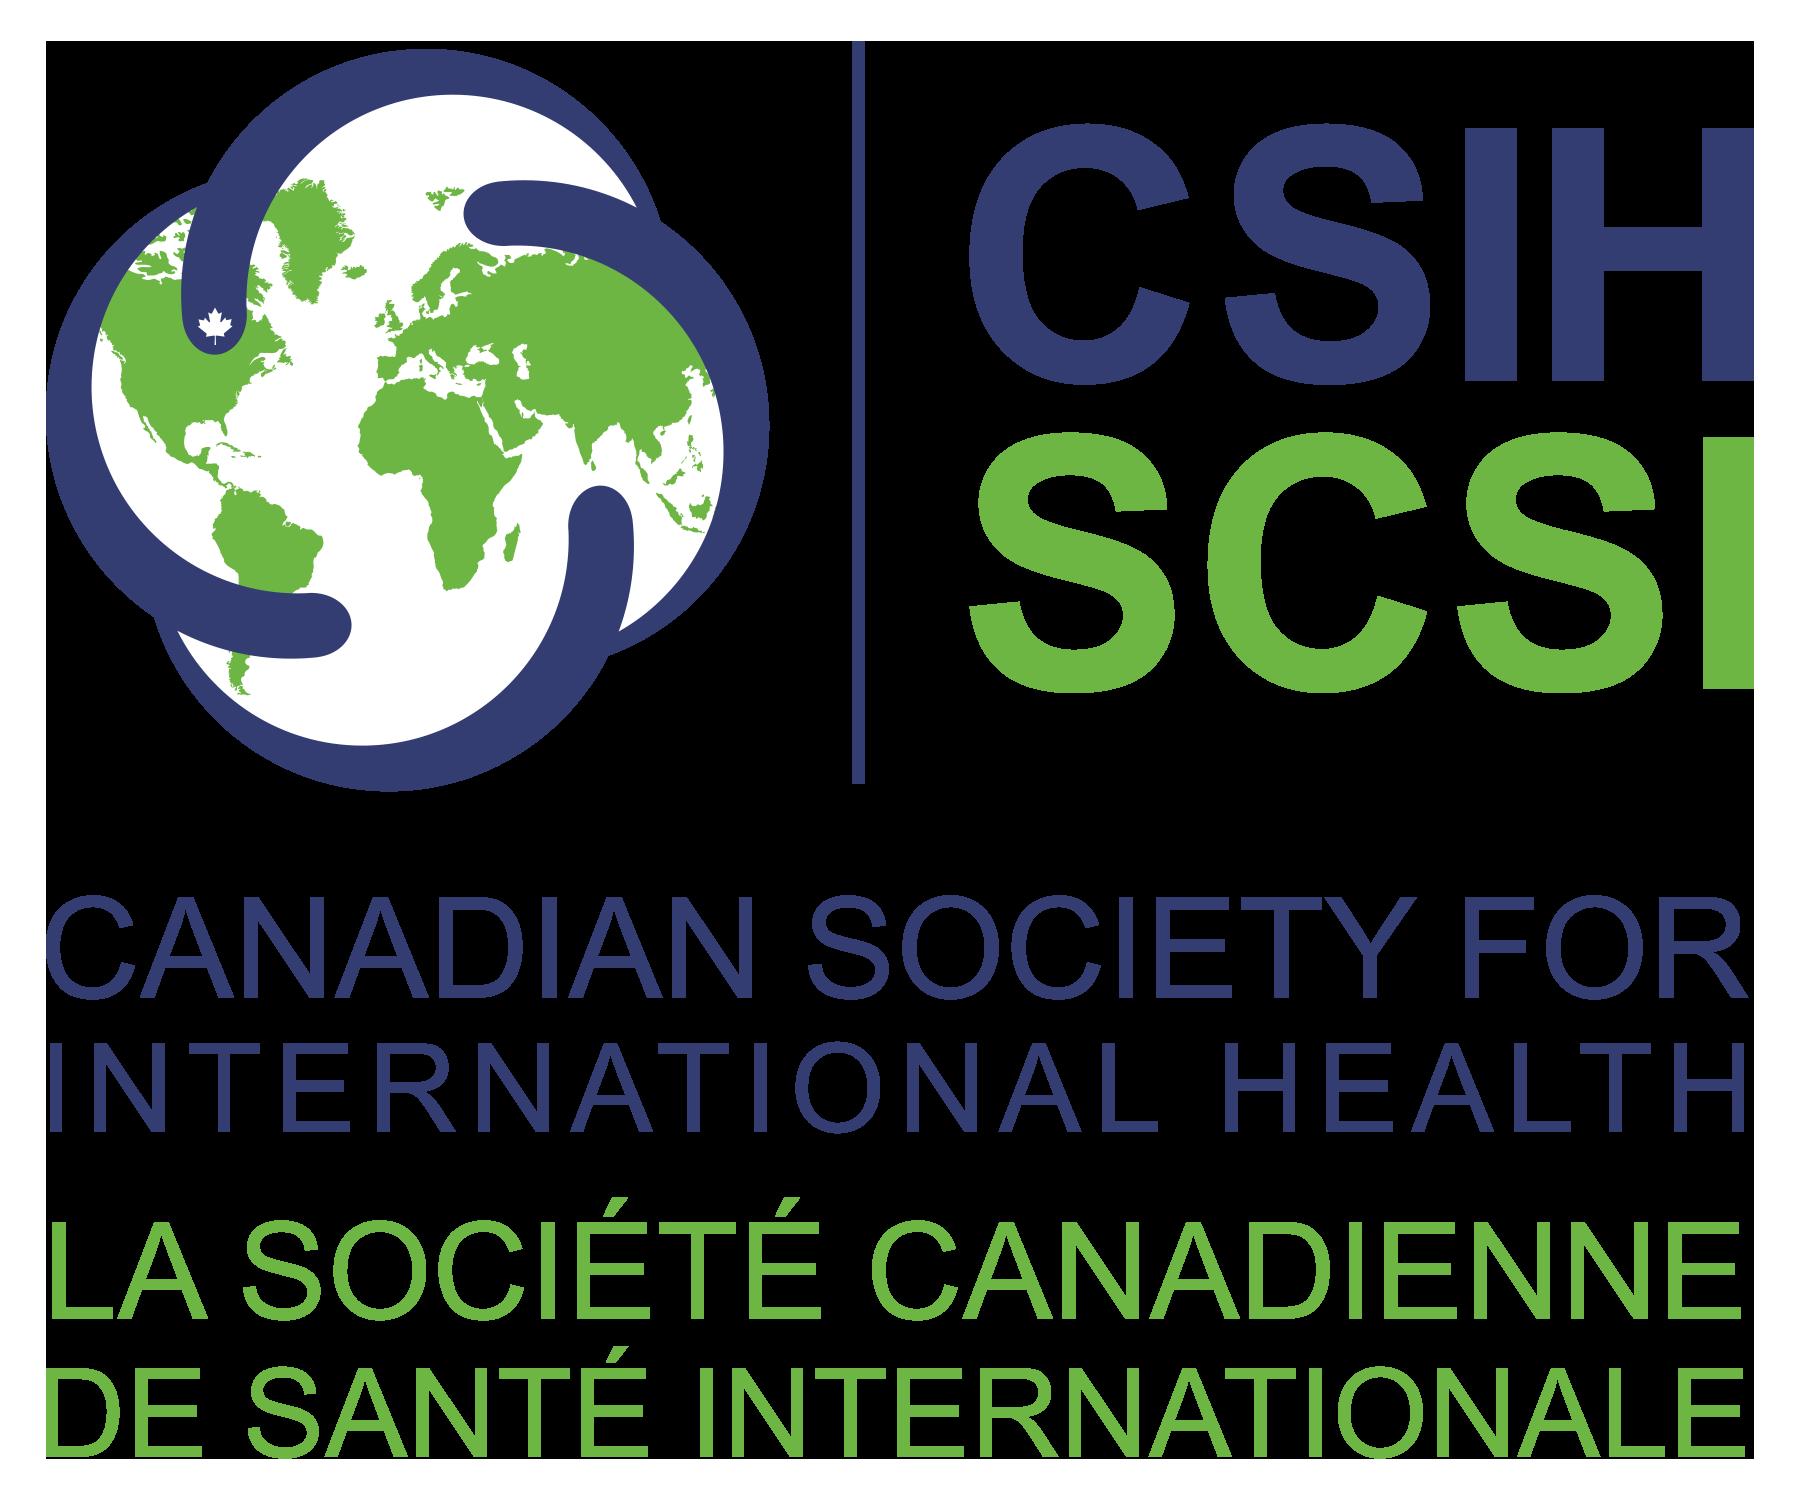 La Société canadienne de santé internationale - Logo